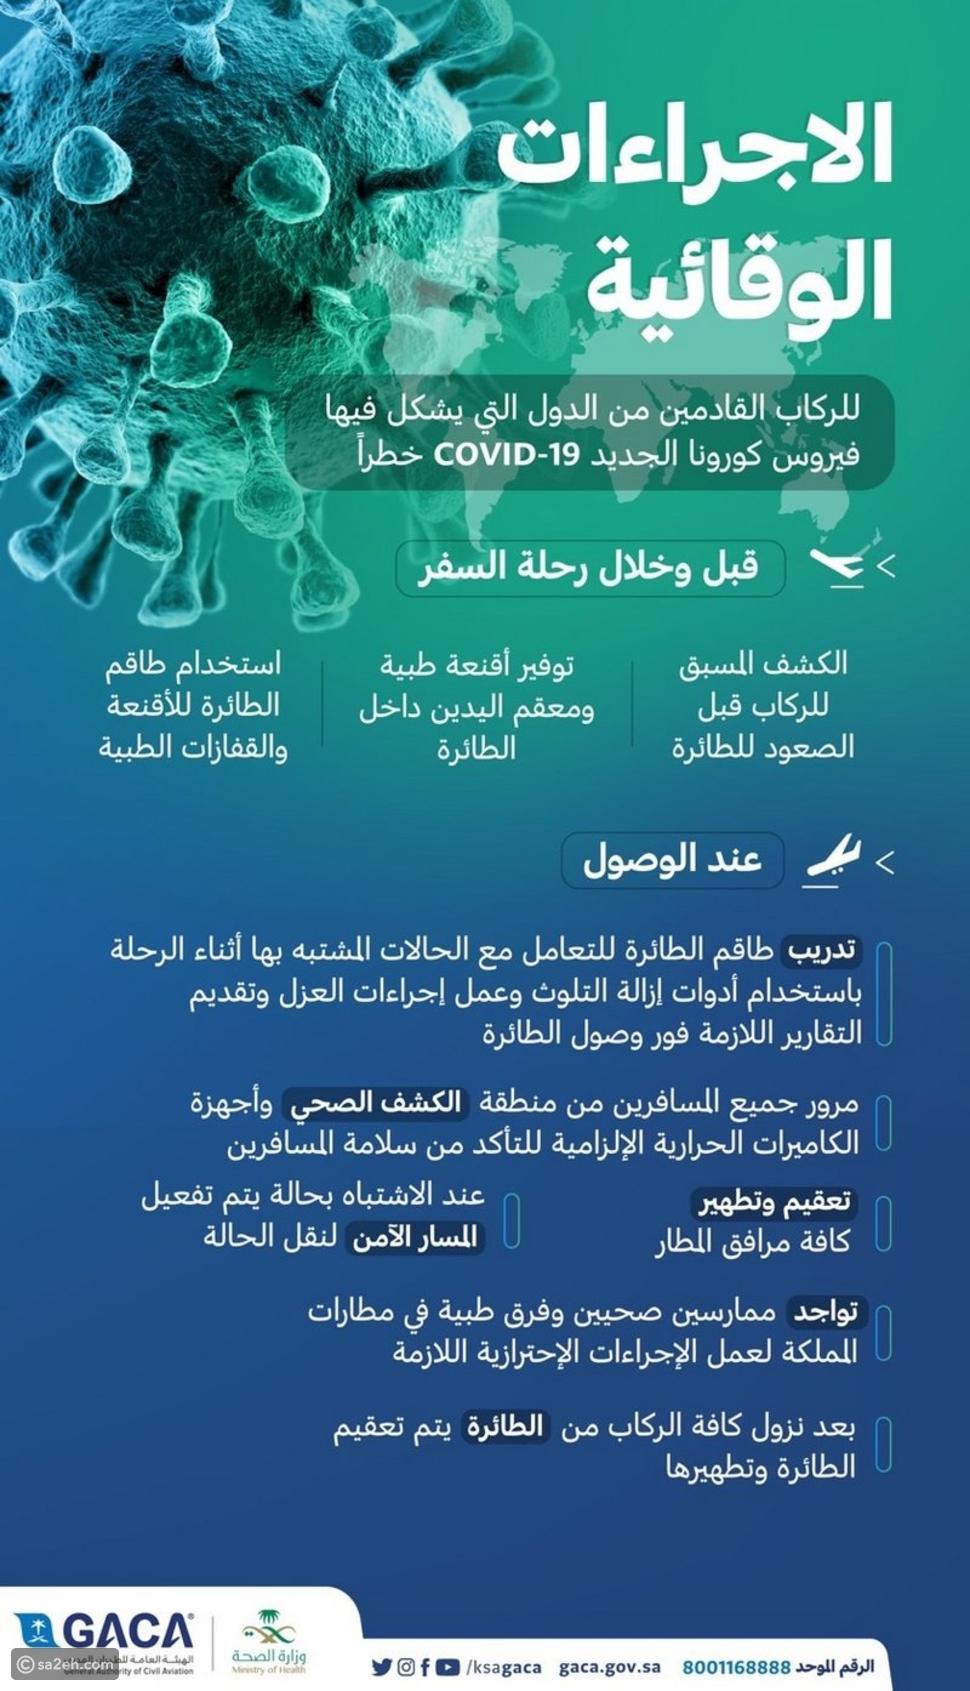 9 إجراءات سعودية للوقاية من فيروس كورونا خلال الرحلات الجوية